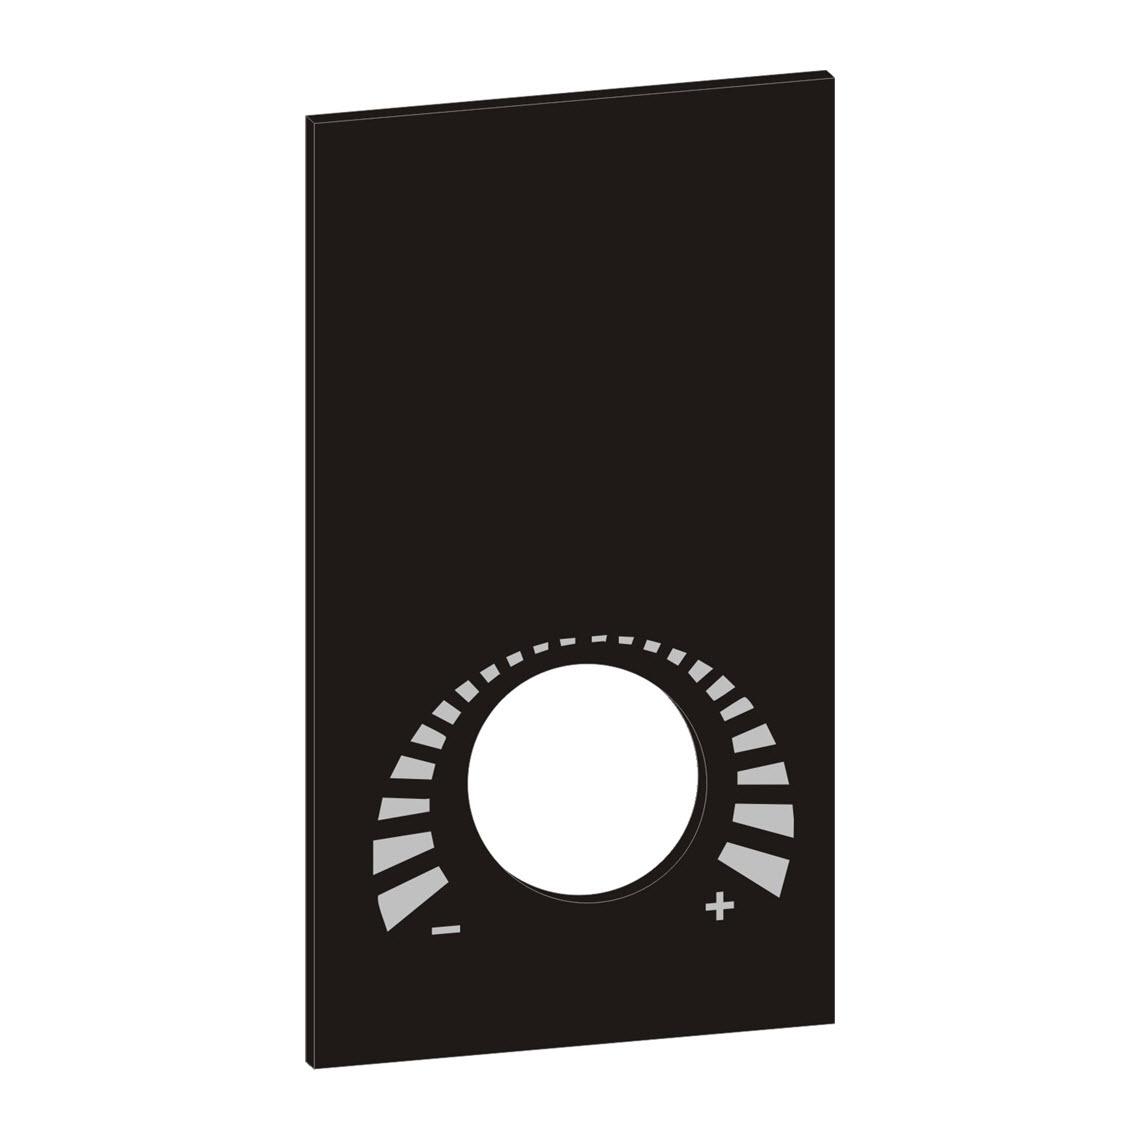 Designblende NOVOS 3 P schwarz, BTypS Produktbild